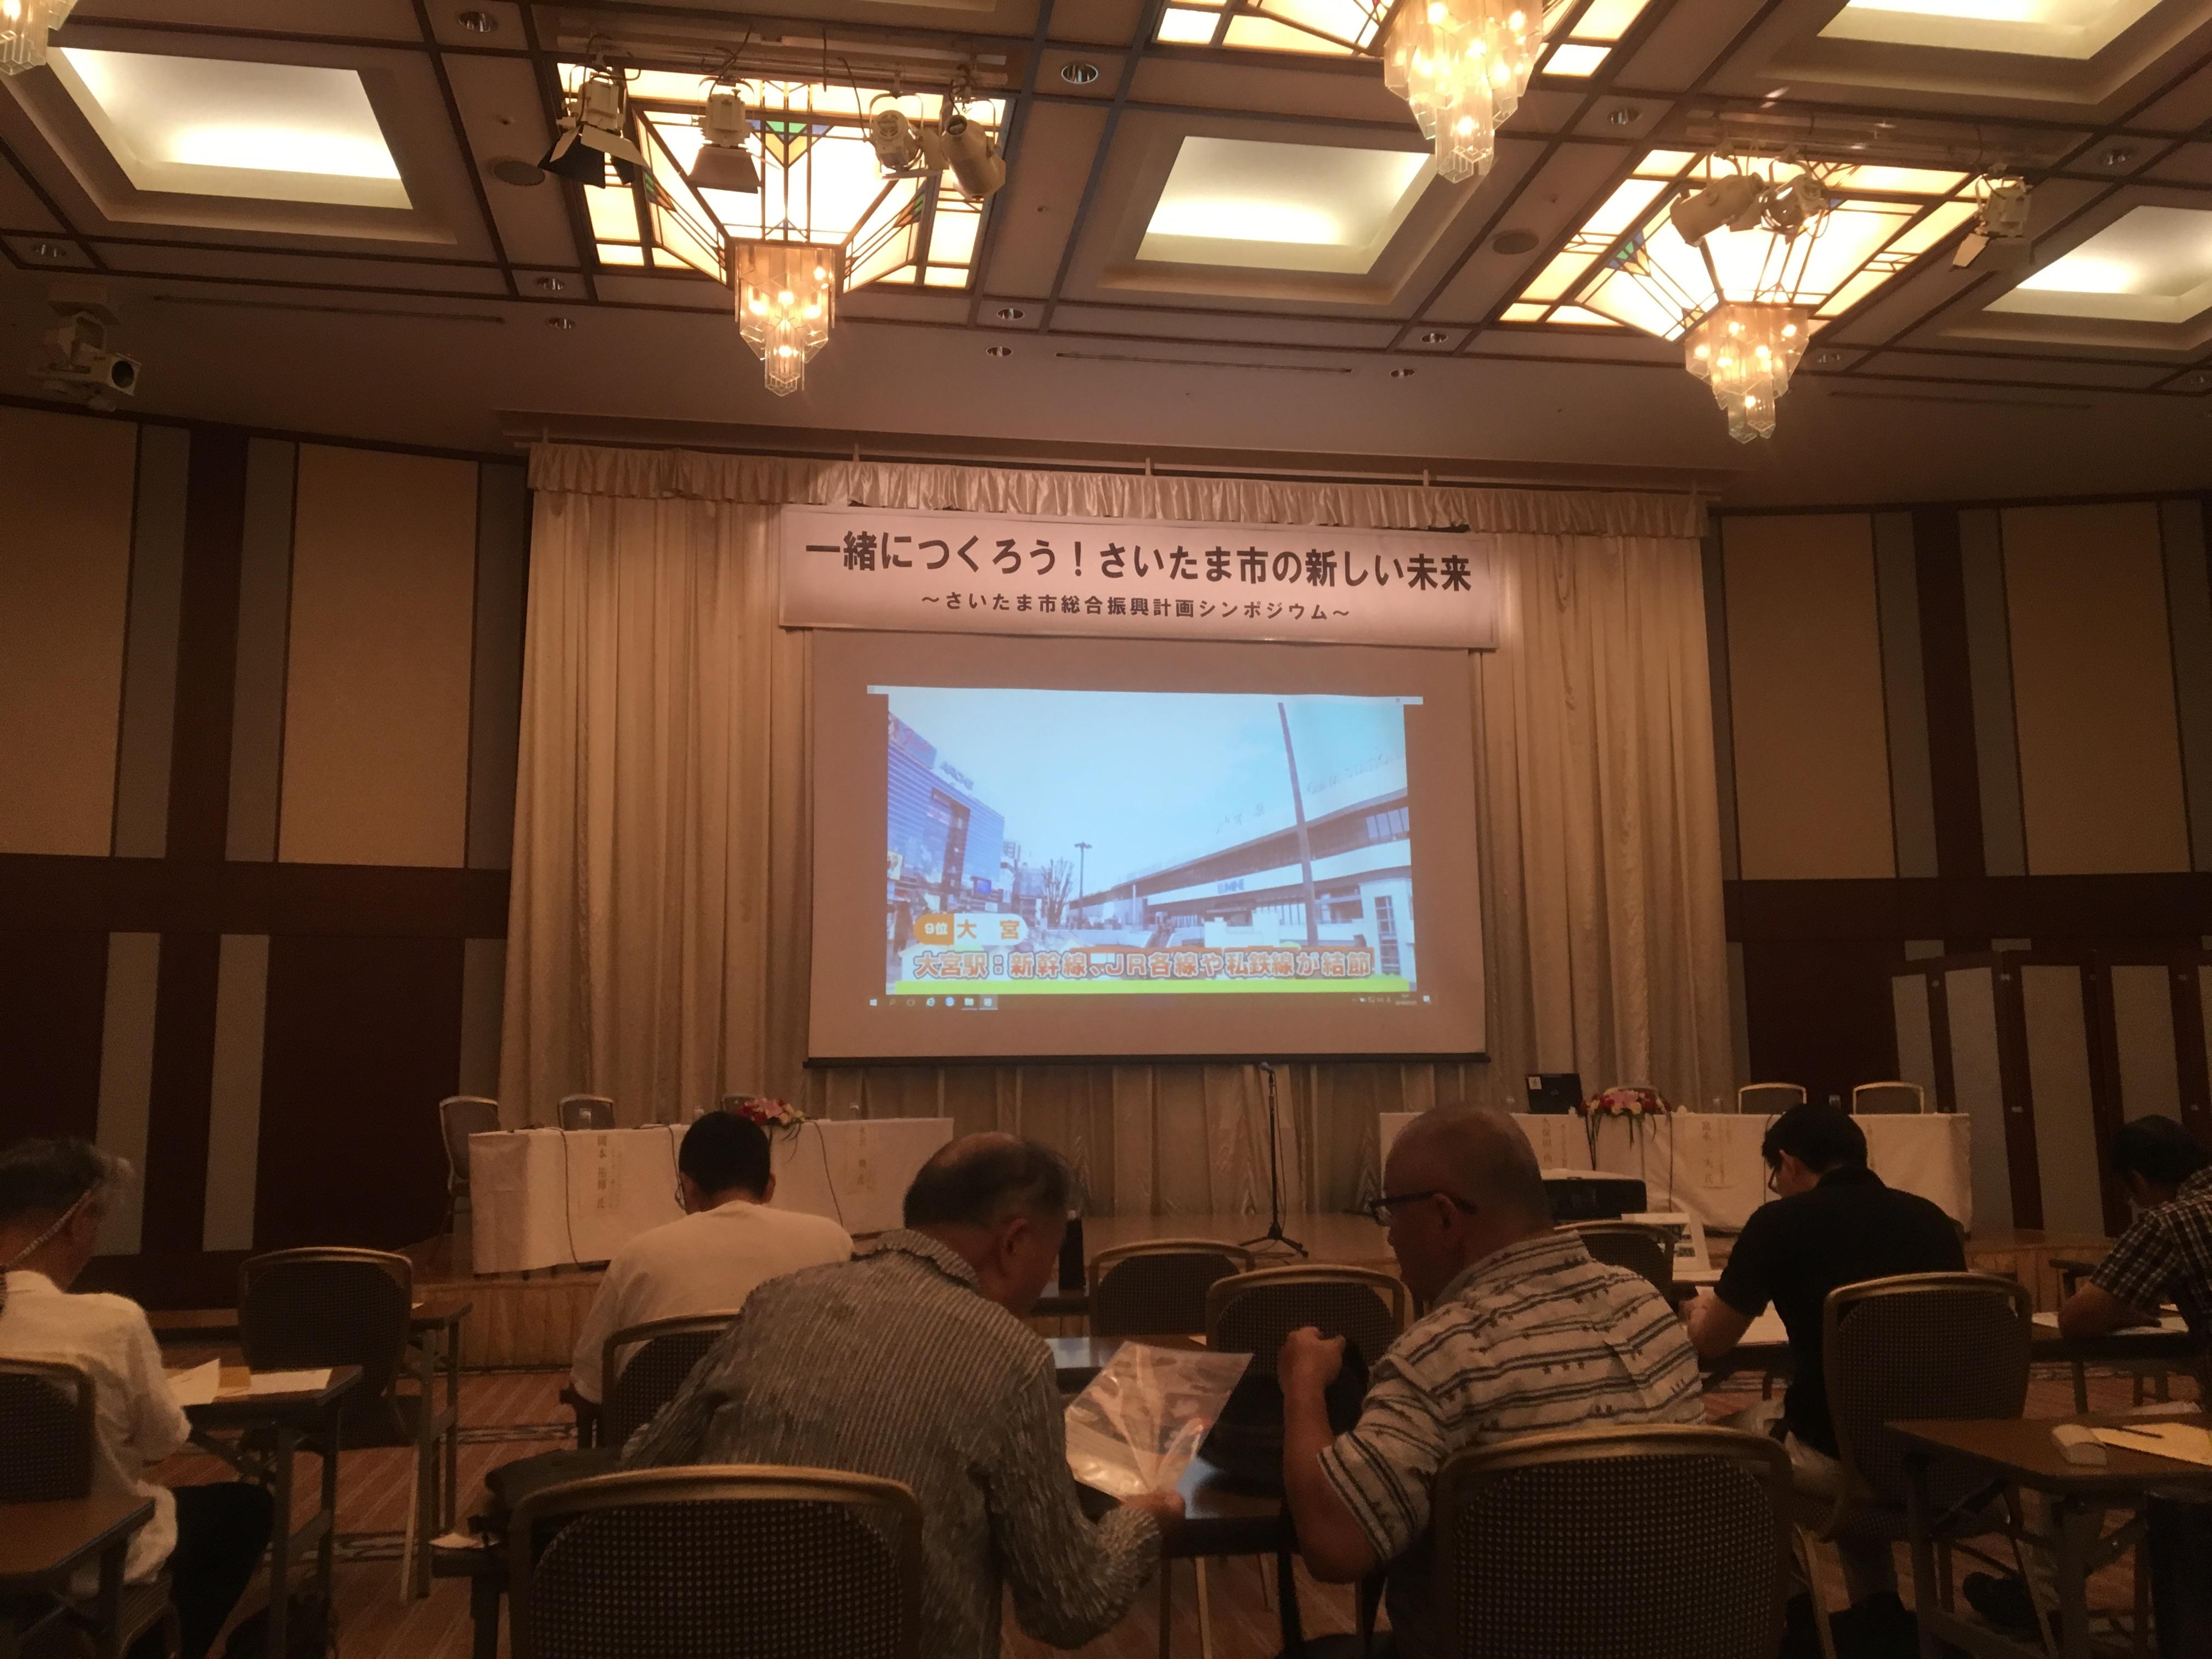 【イベント参加レポート】未来ある街に向けて!さいたま市総合振興計画シンポジウム その1